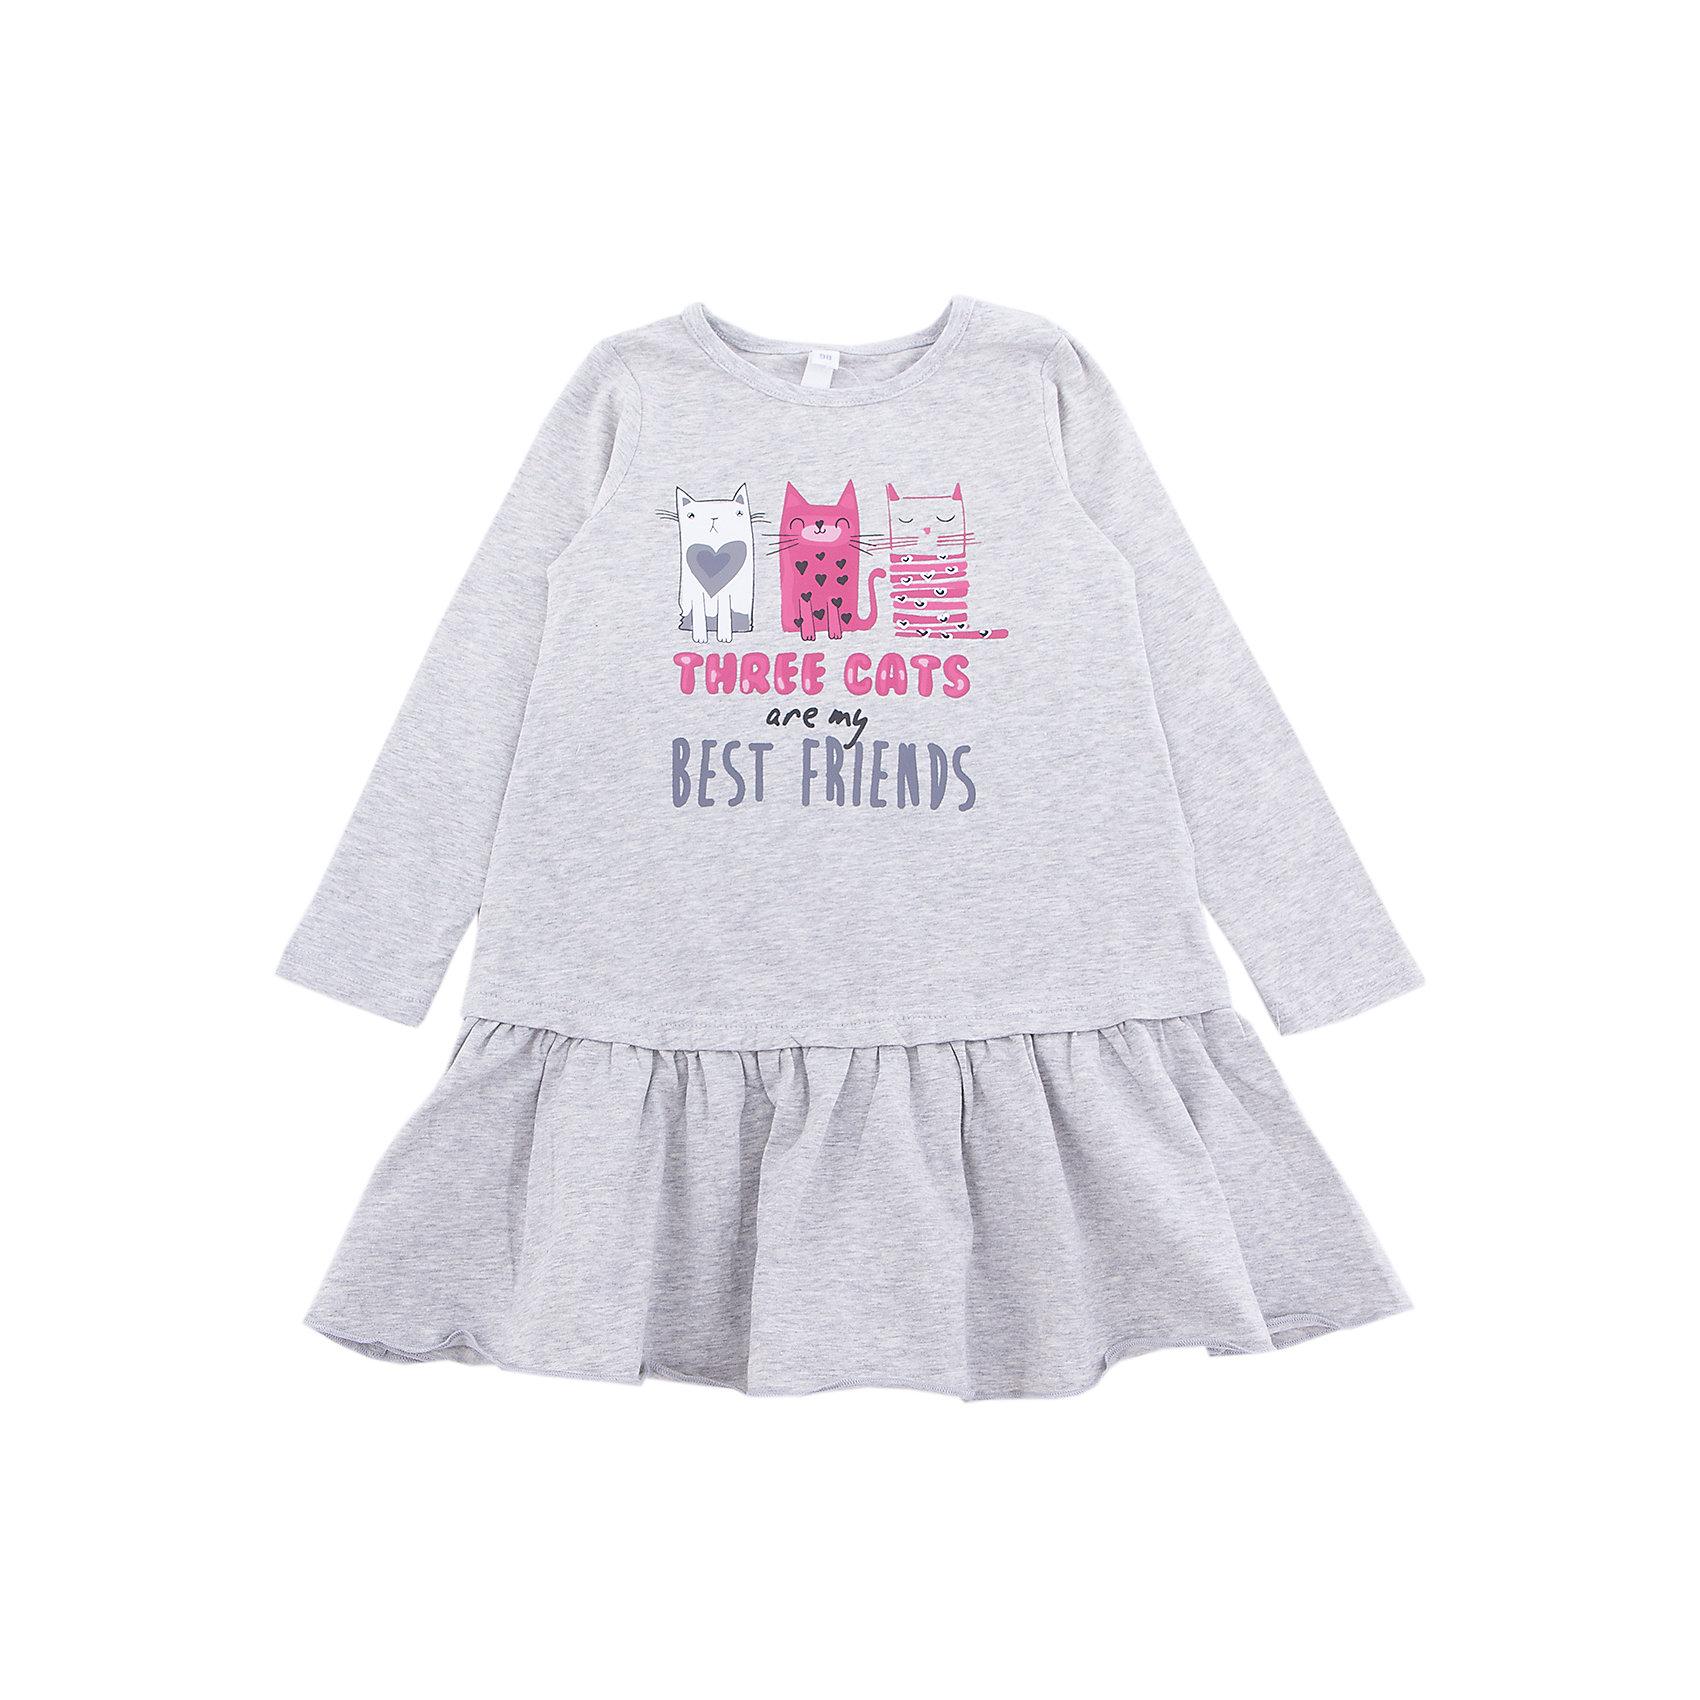 Платье PlayToday для девочкиПлатья и сарафаны<br>Платье PlayToday для девочки<br>Трикотажное платье. Модель декорирована лицензированным принтом. Низ дополнен широкой оборкой. Свободный крой не сковывает движений ребенка.<br>Состав:<br>95% хлопок, 5% эластан<br><br>Ширина мм: 236<br>Глубина мм: 16<br>Высота мм: 184<br>Вес г: 177<br>Цвет: белый<br>Возраст от месяцев: 84<br>Возраст до месяцев: 96<br>Пол: Женский<br>Возраст: Детский<br>Размер: 128,98,104,110,116,122<br>SKU: 7115195